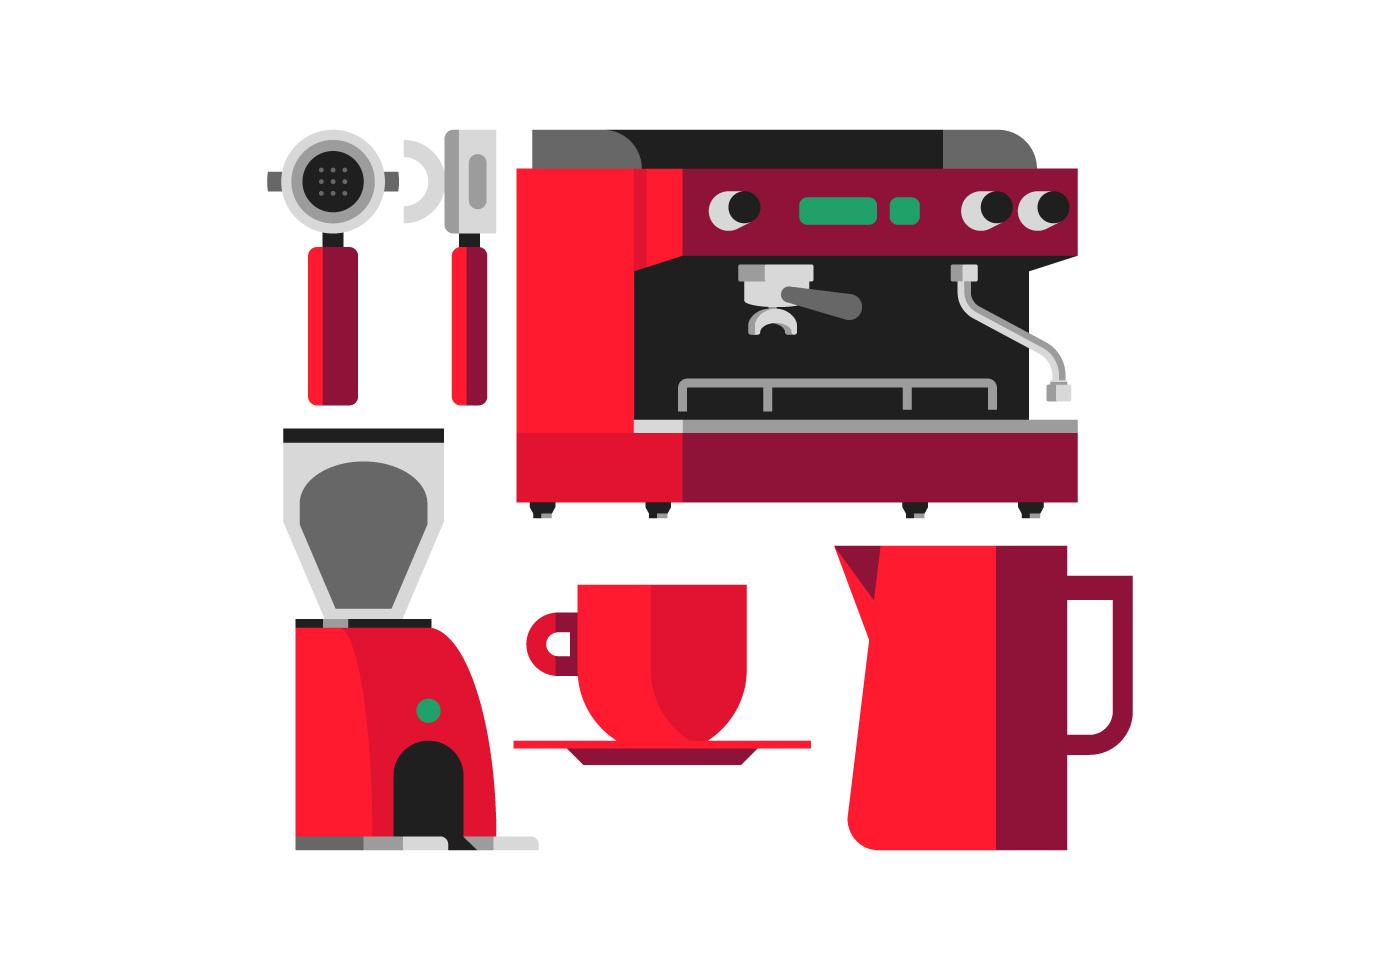 咖啡素材 免費下載 | 天天瘋後製